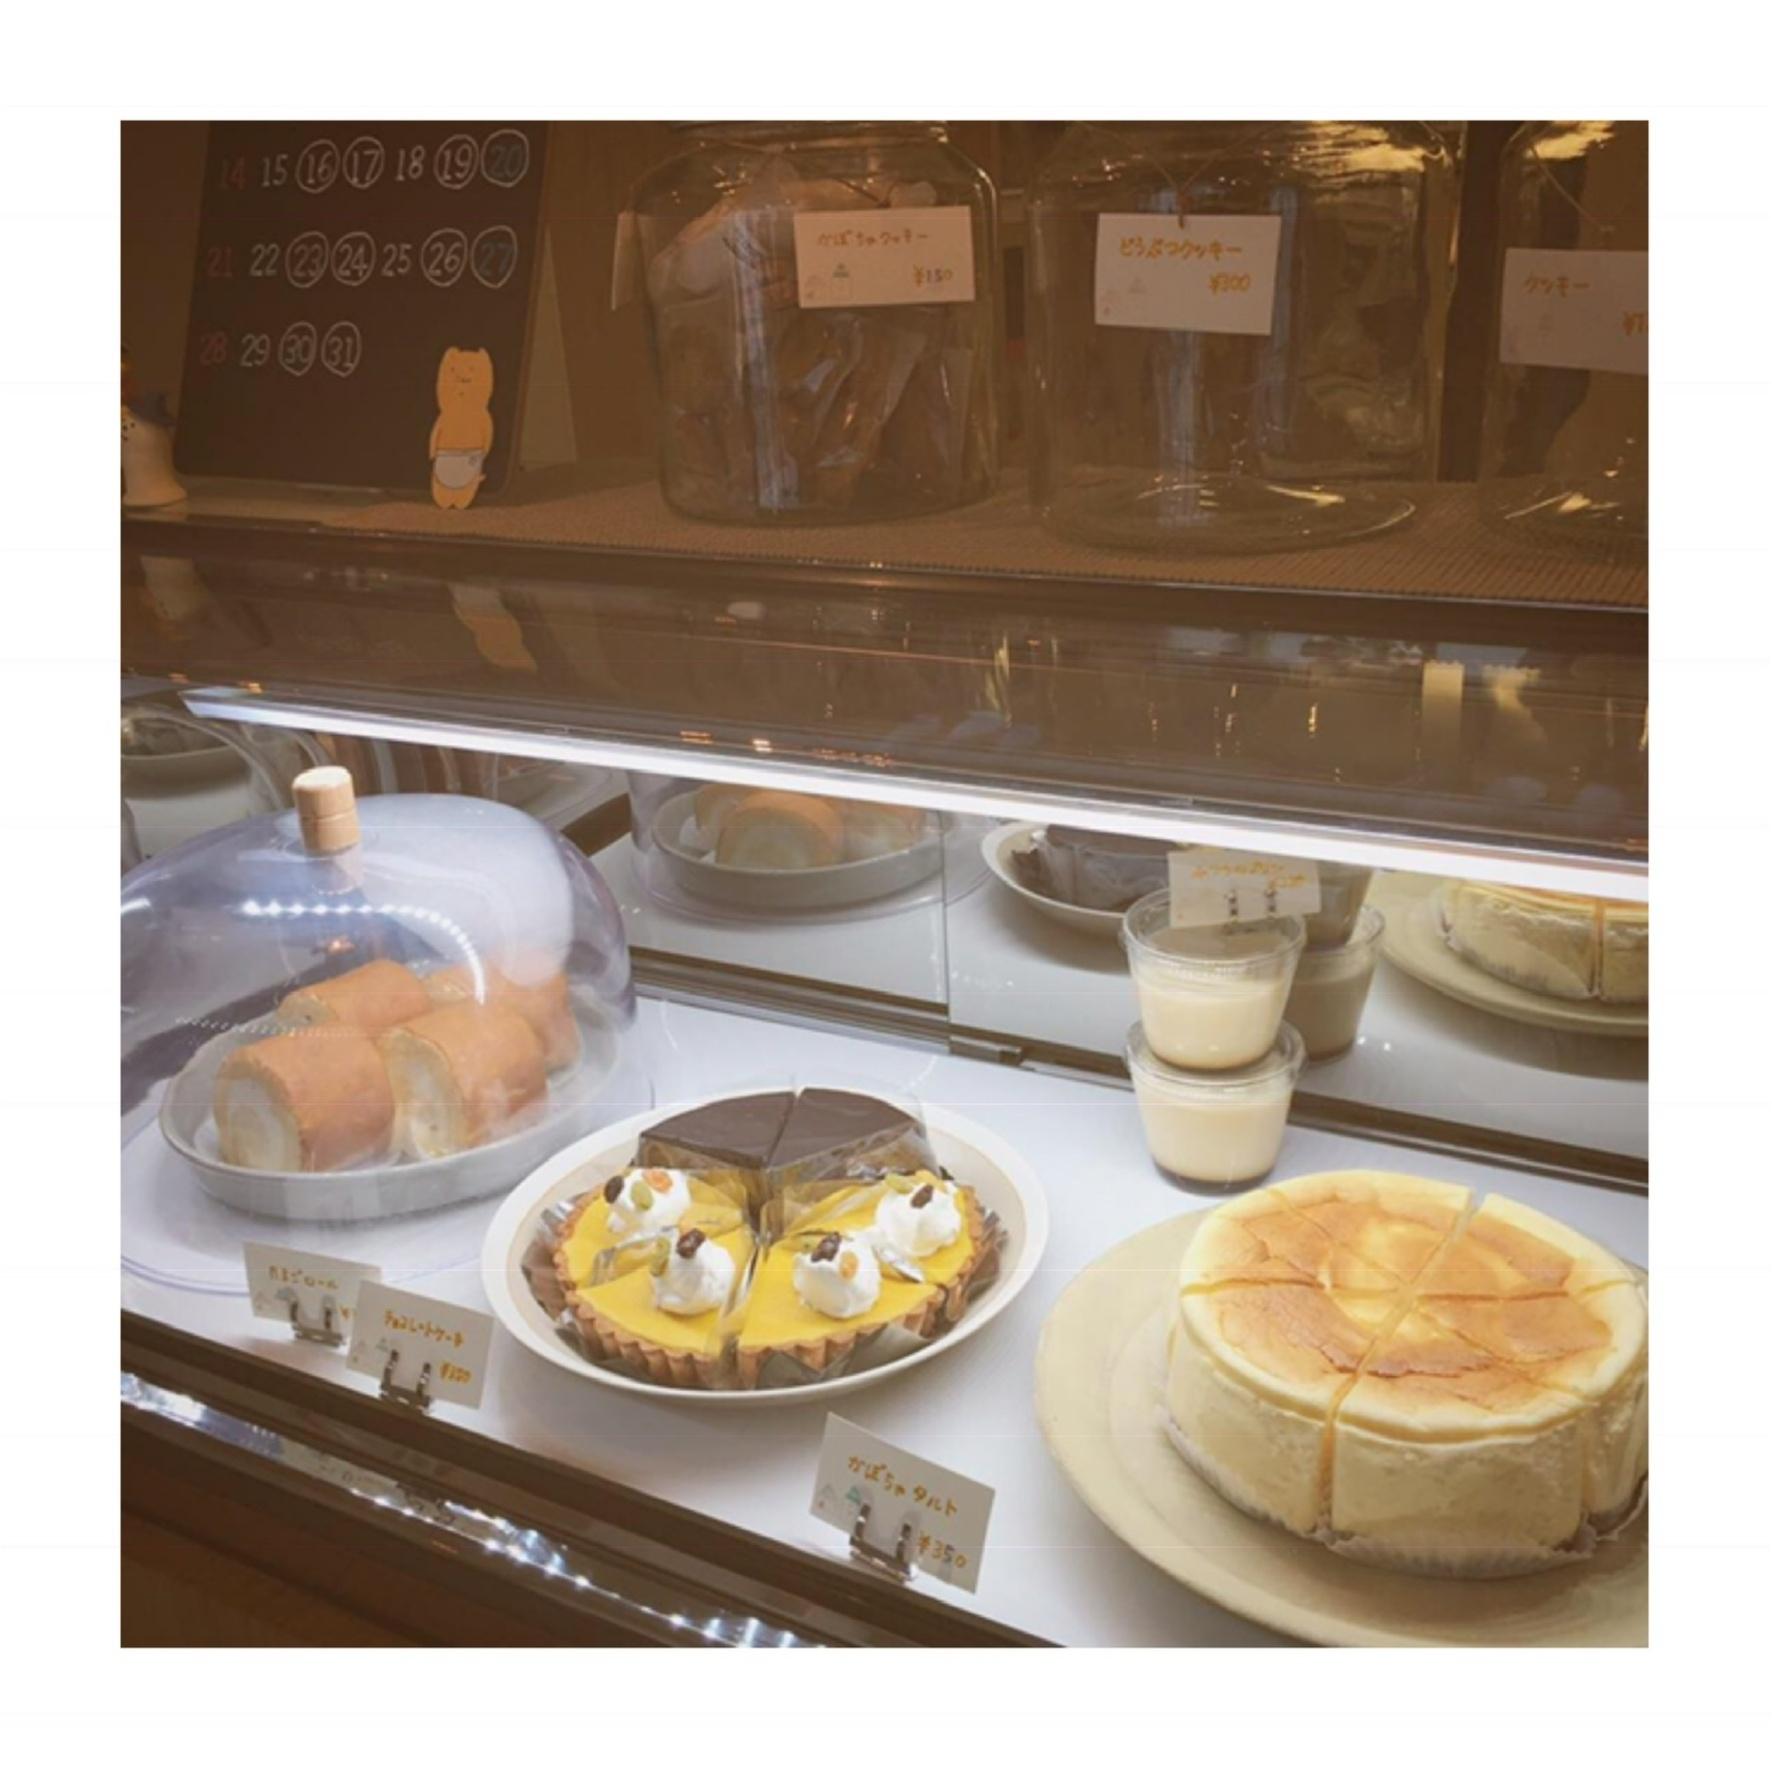 #17【#cafestagram】❤️:《東京•浜町》行列のできる大人気の素敵カフェ*『おやつのこぼく』☻_3